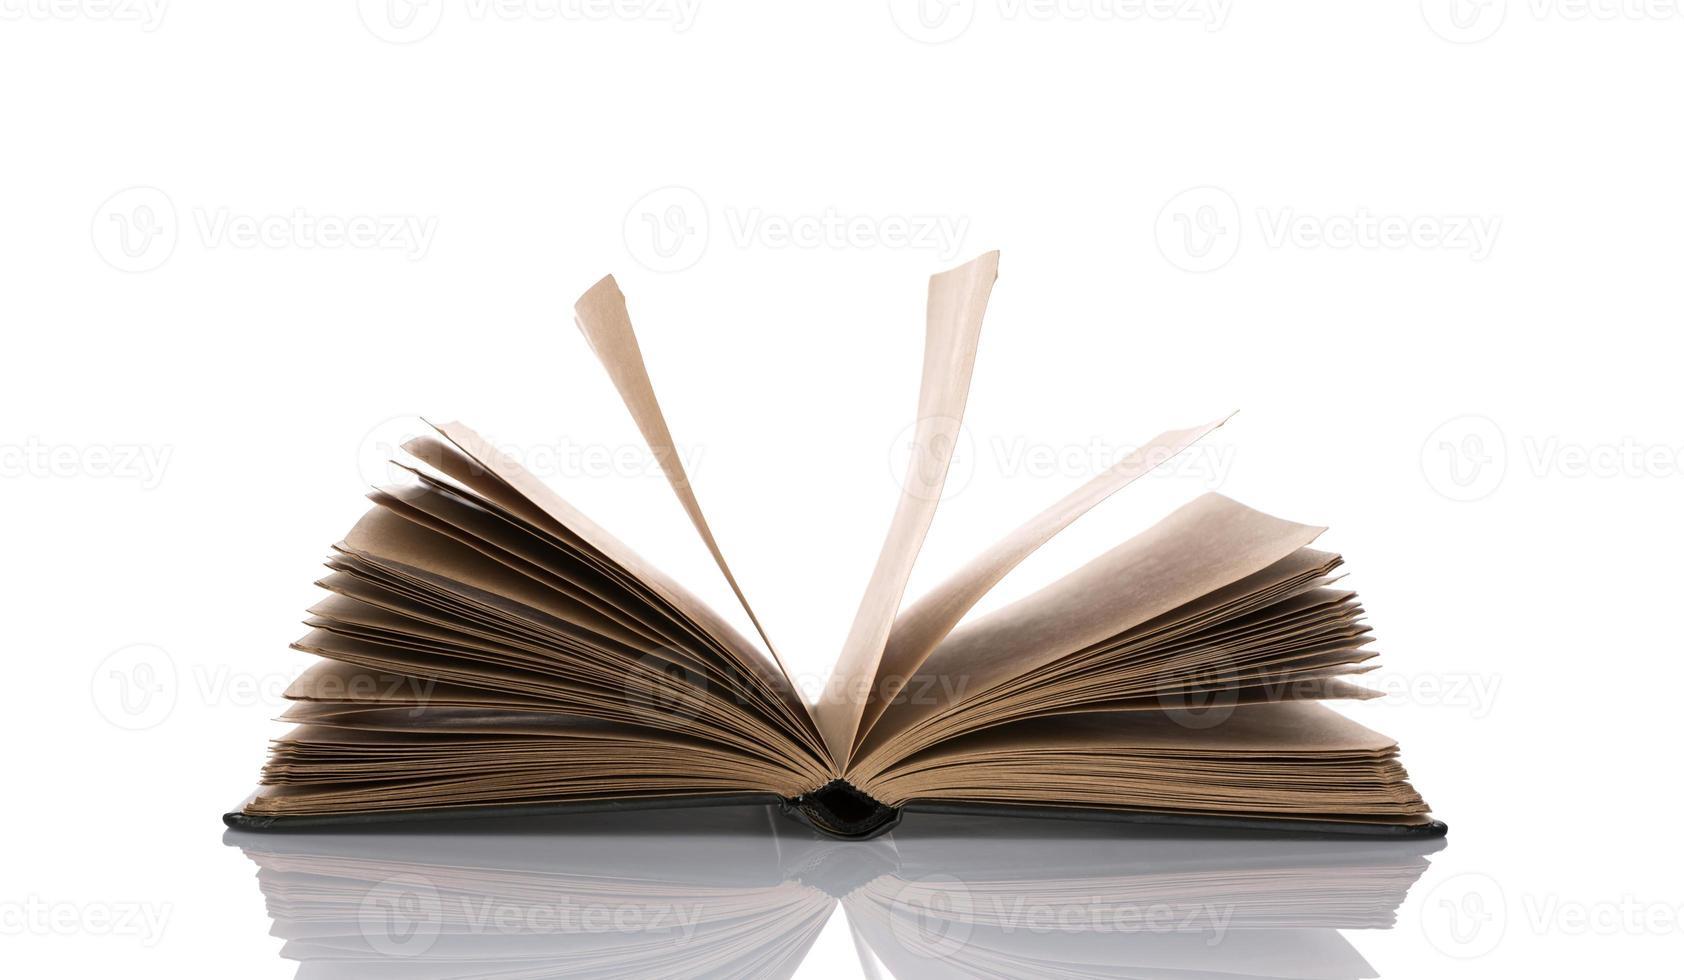 libro aperto con pagine bianche isolato su sfondo bianco foto